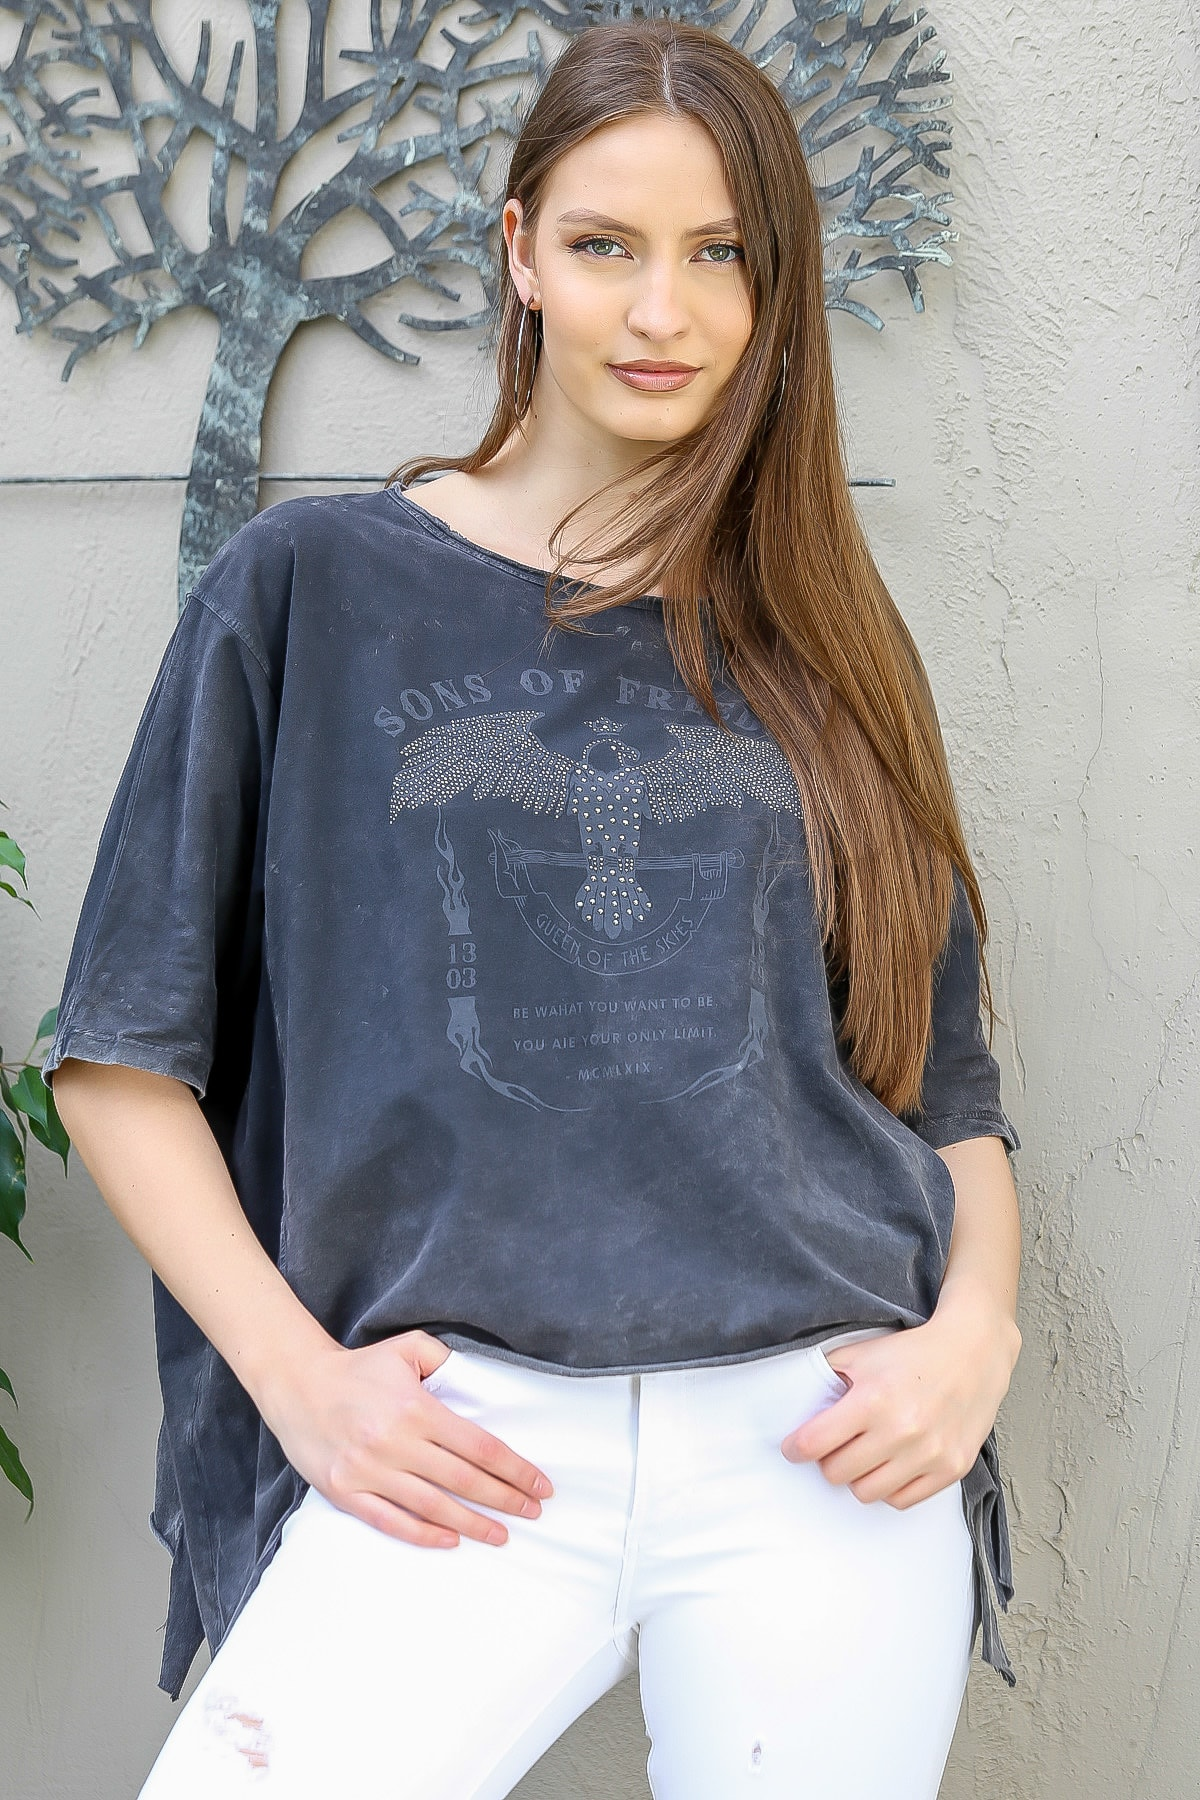 Chiccy Kadın Antrasit Kartal Baskılı Yanları Asimetrik Salaş Yıkamalı T-Shirt M10010300TS98251